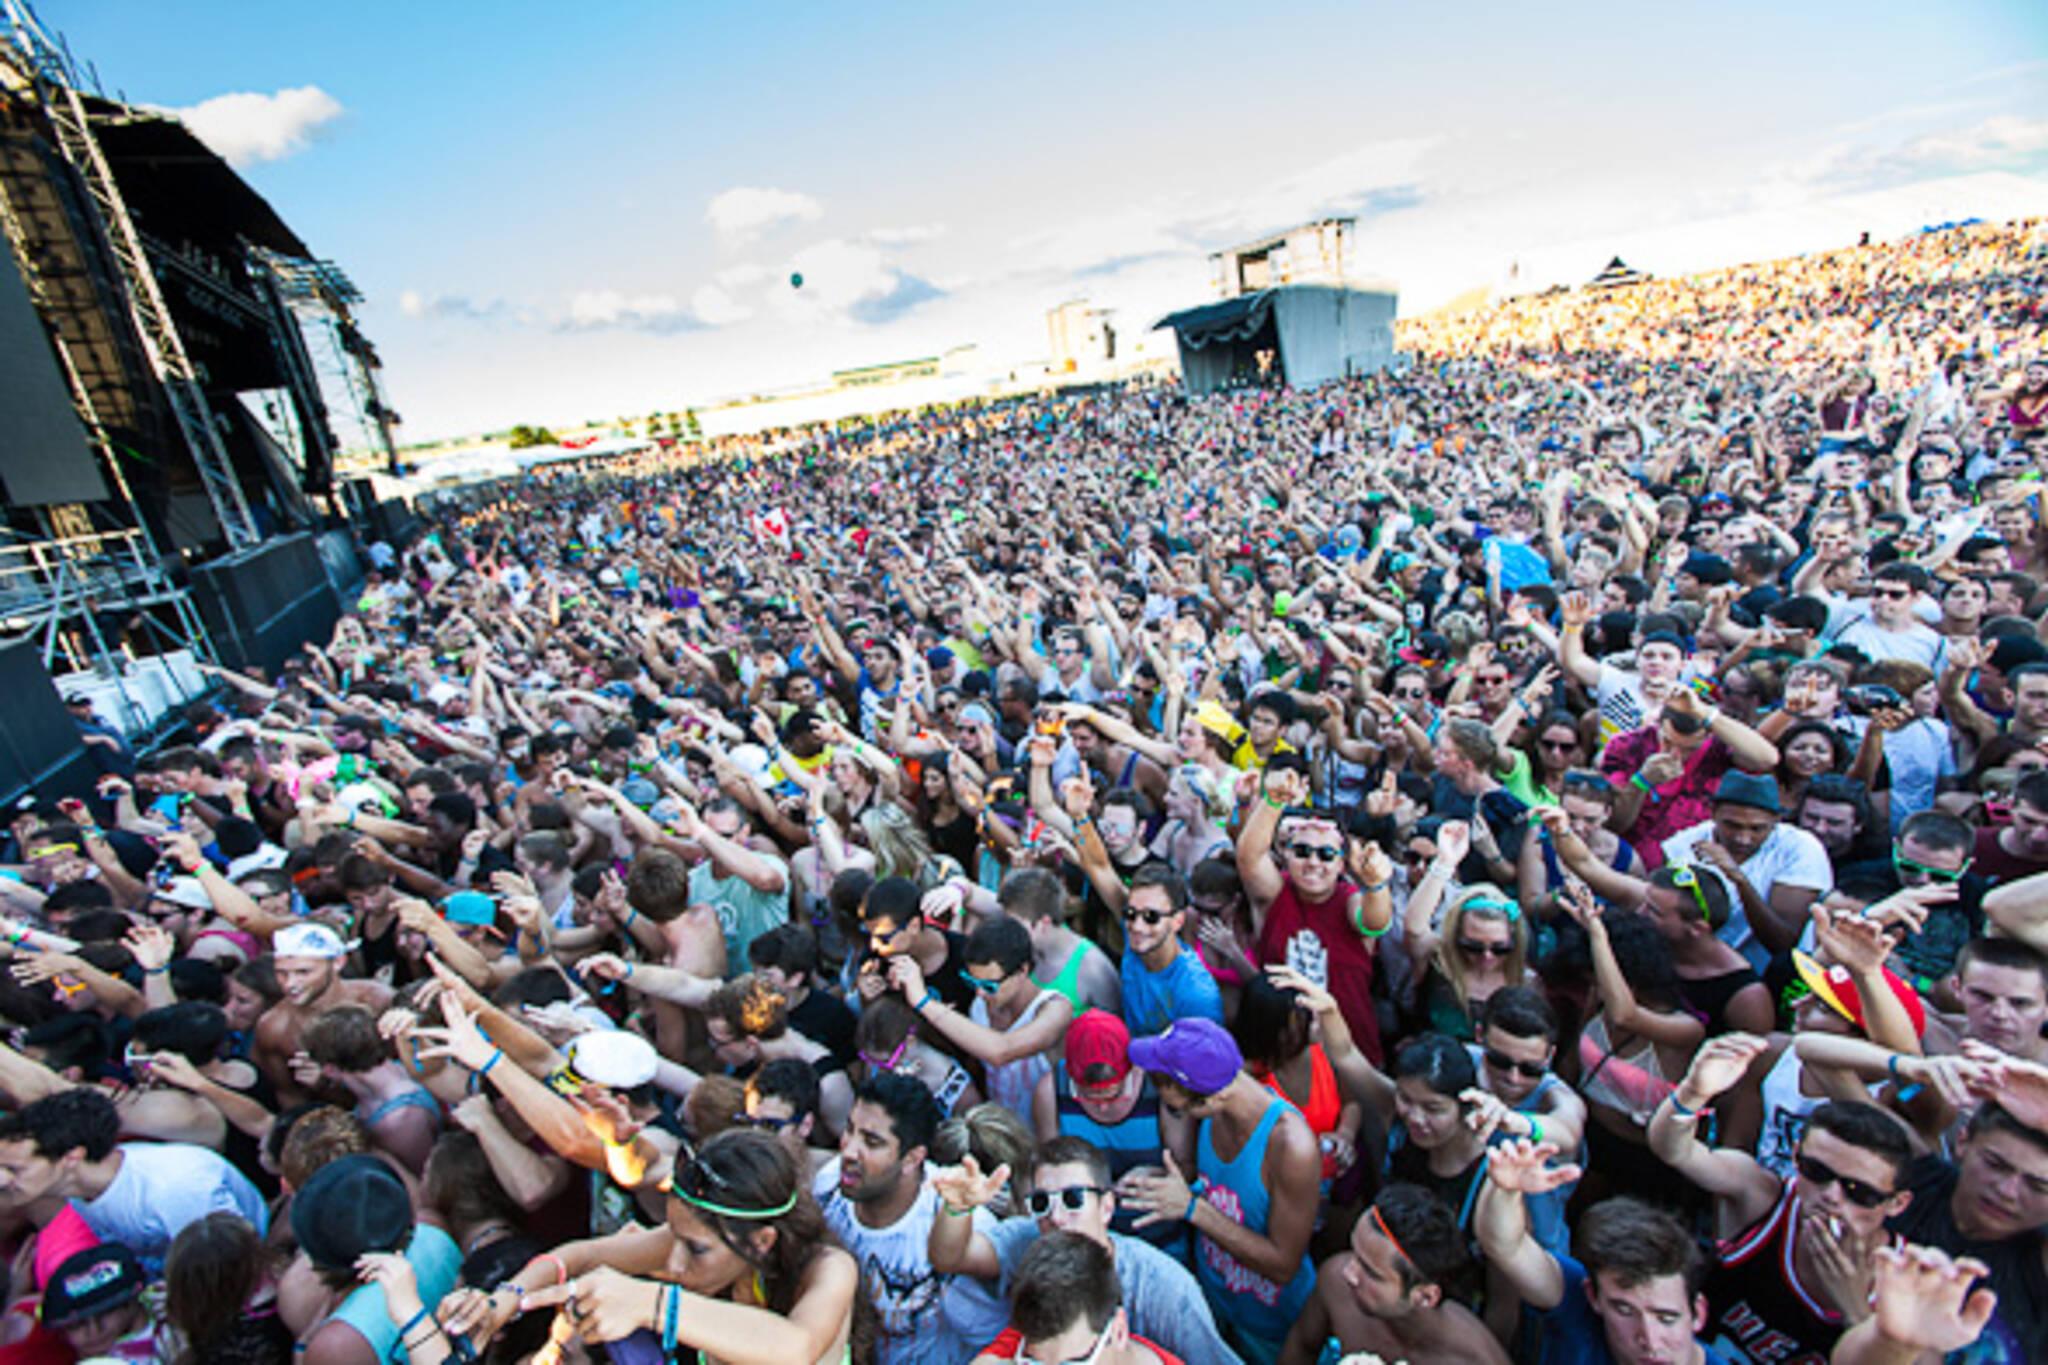 toronto veld music festival